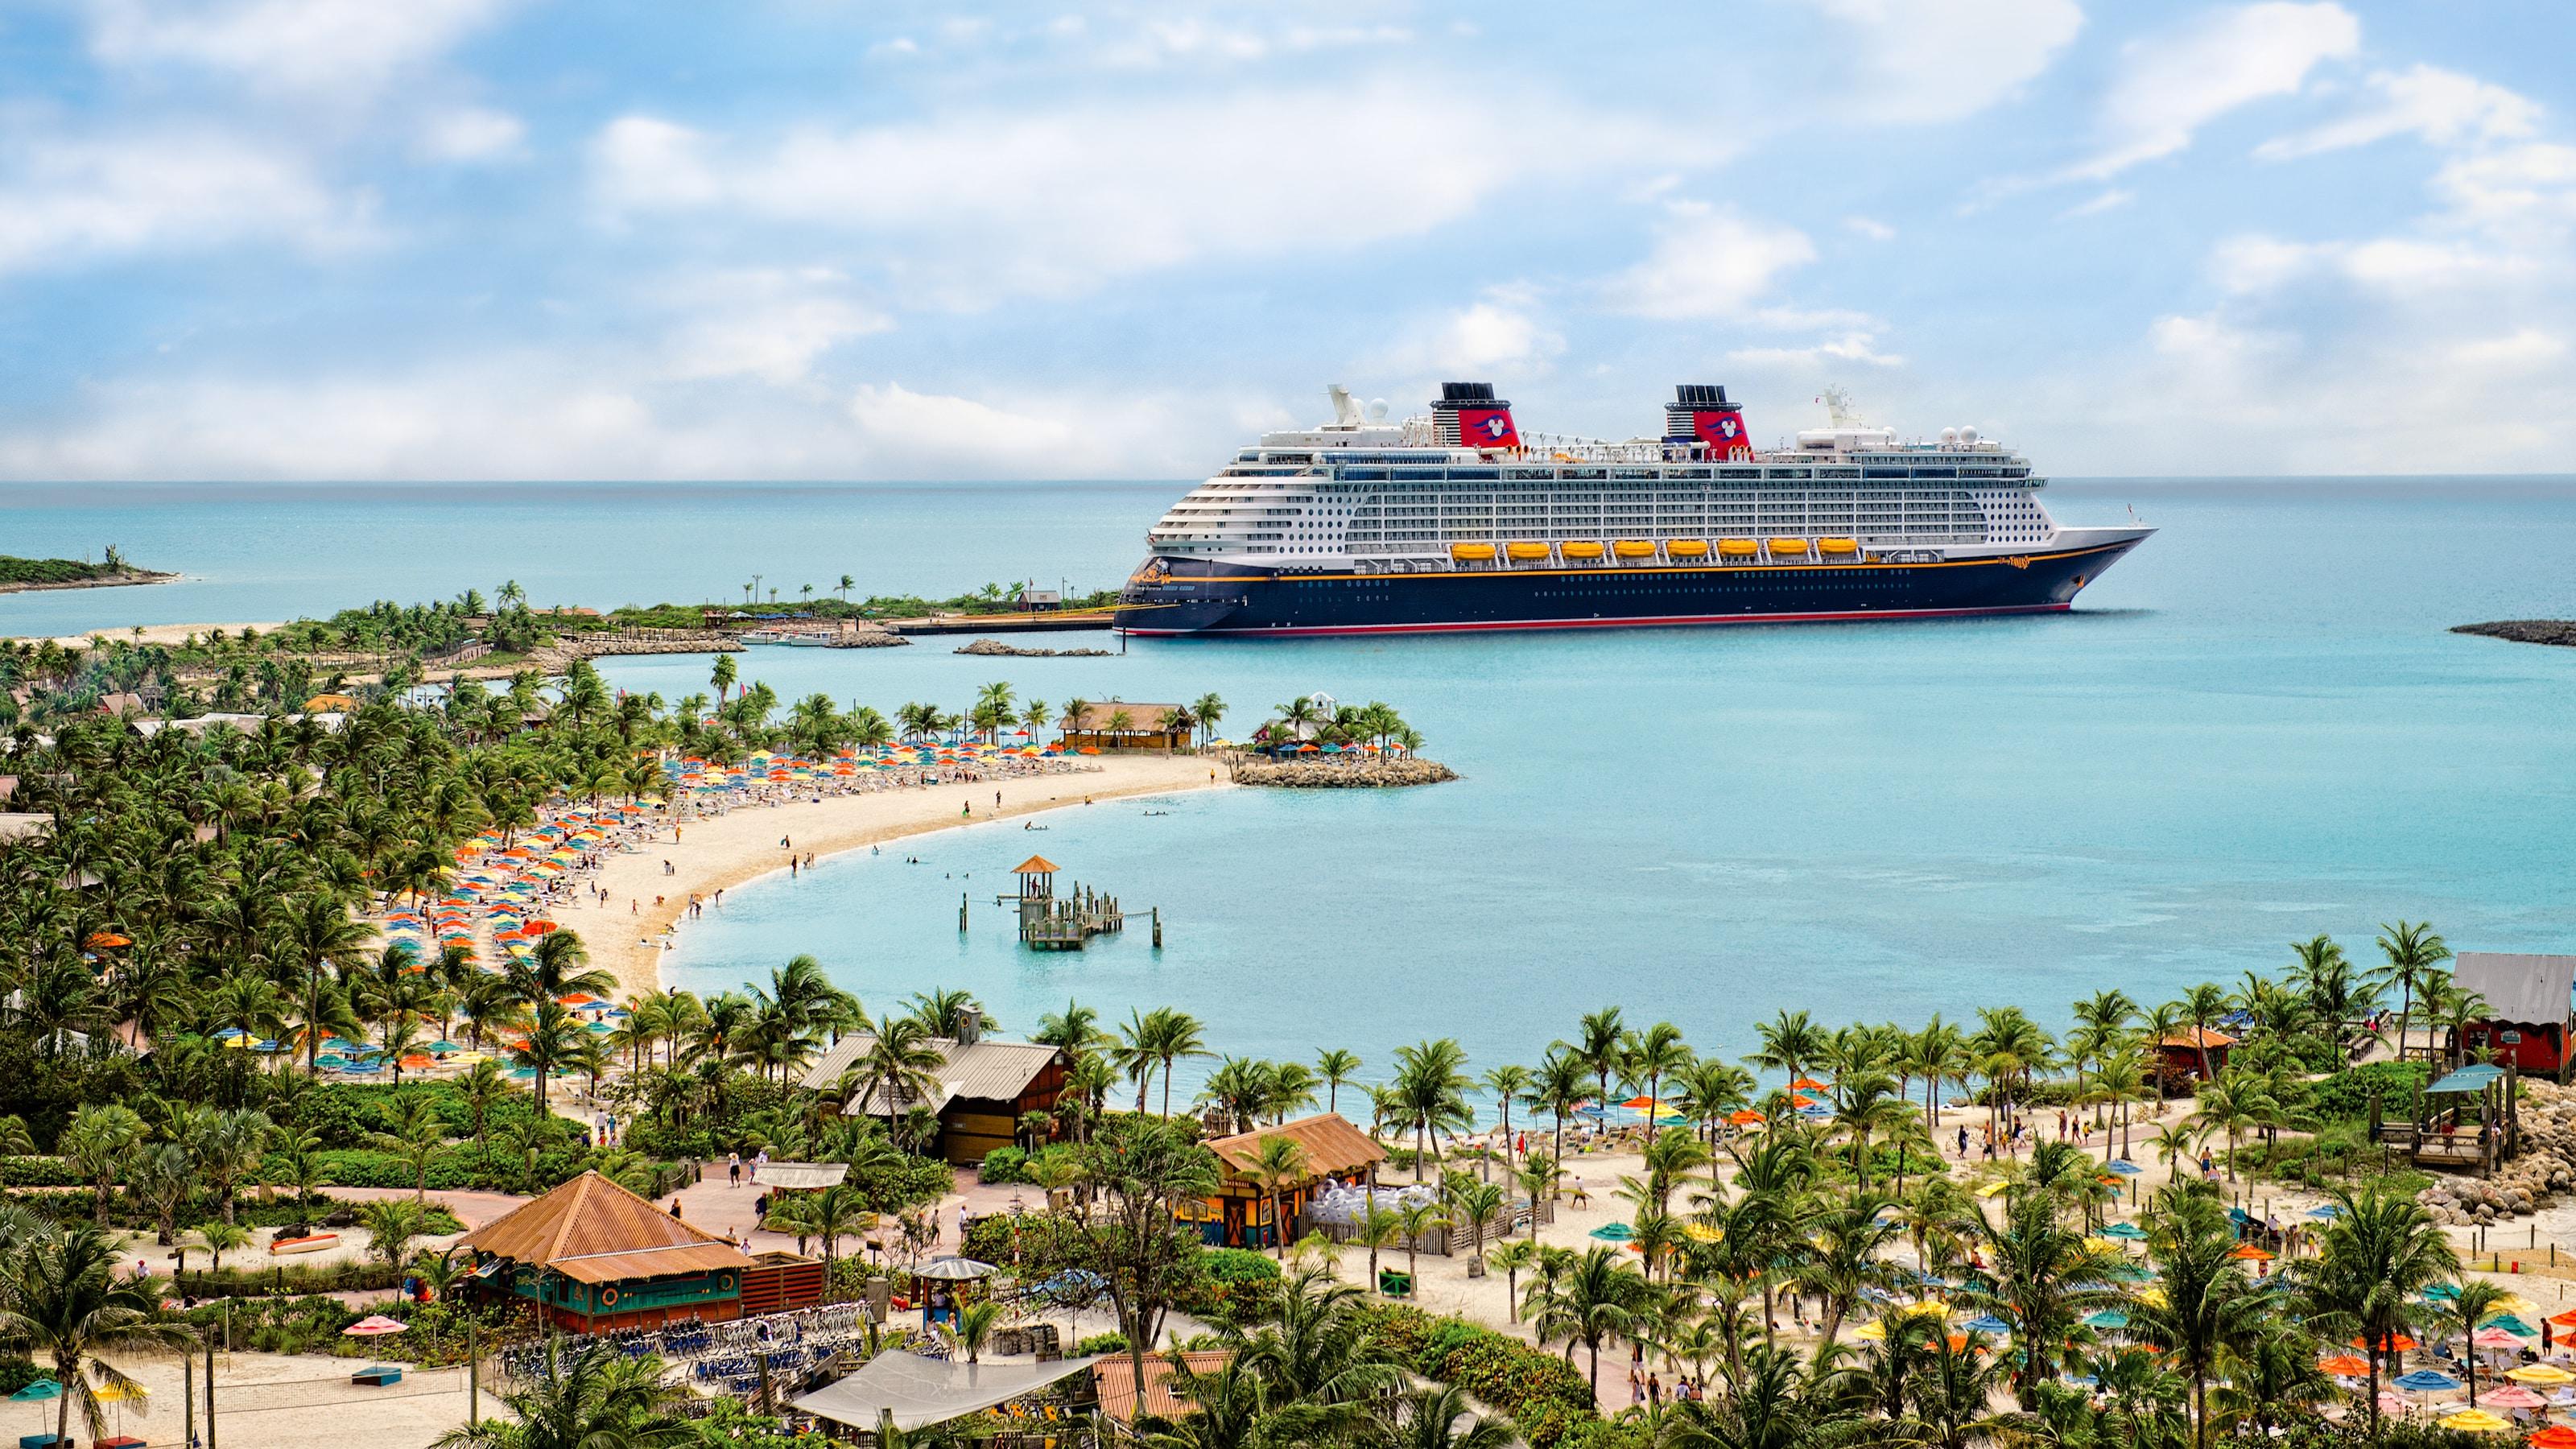 Um navio da Disney Cruise Line ancorado perto de uma praia onde há guarda-sóis, pessoas e palmeiras